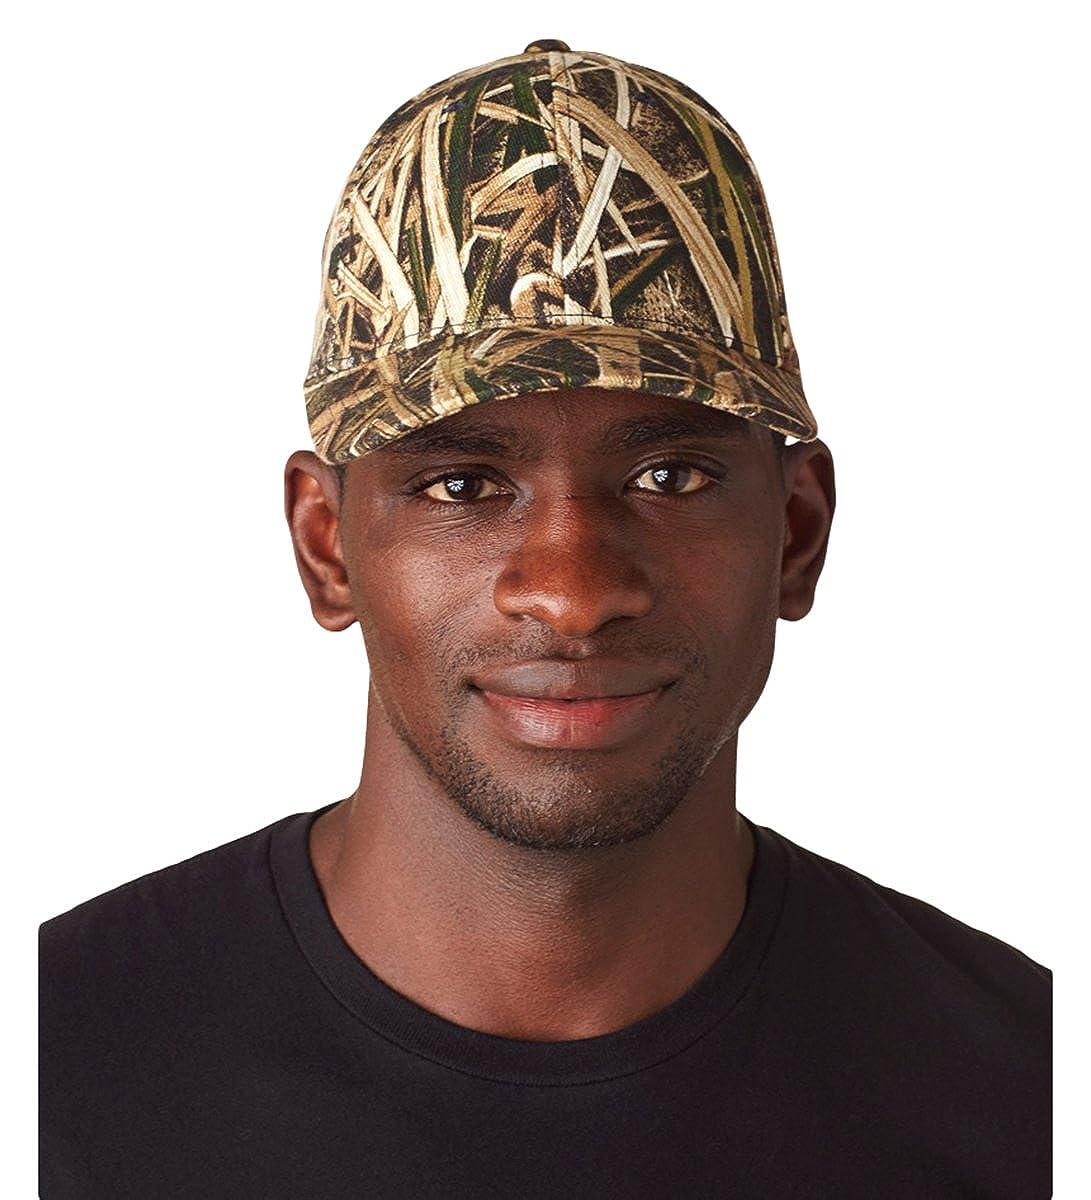 Flexfit 6999 Mossy Oak Camouflage Cap